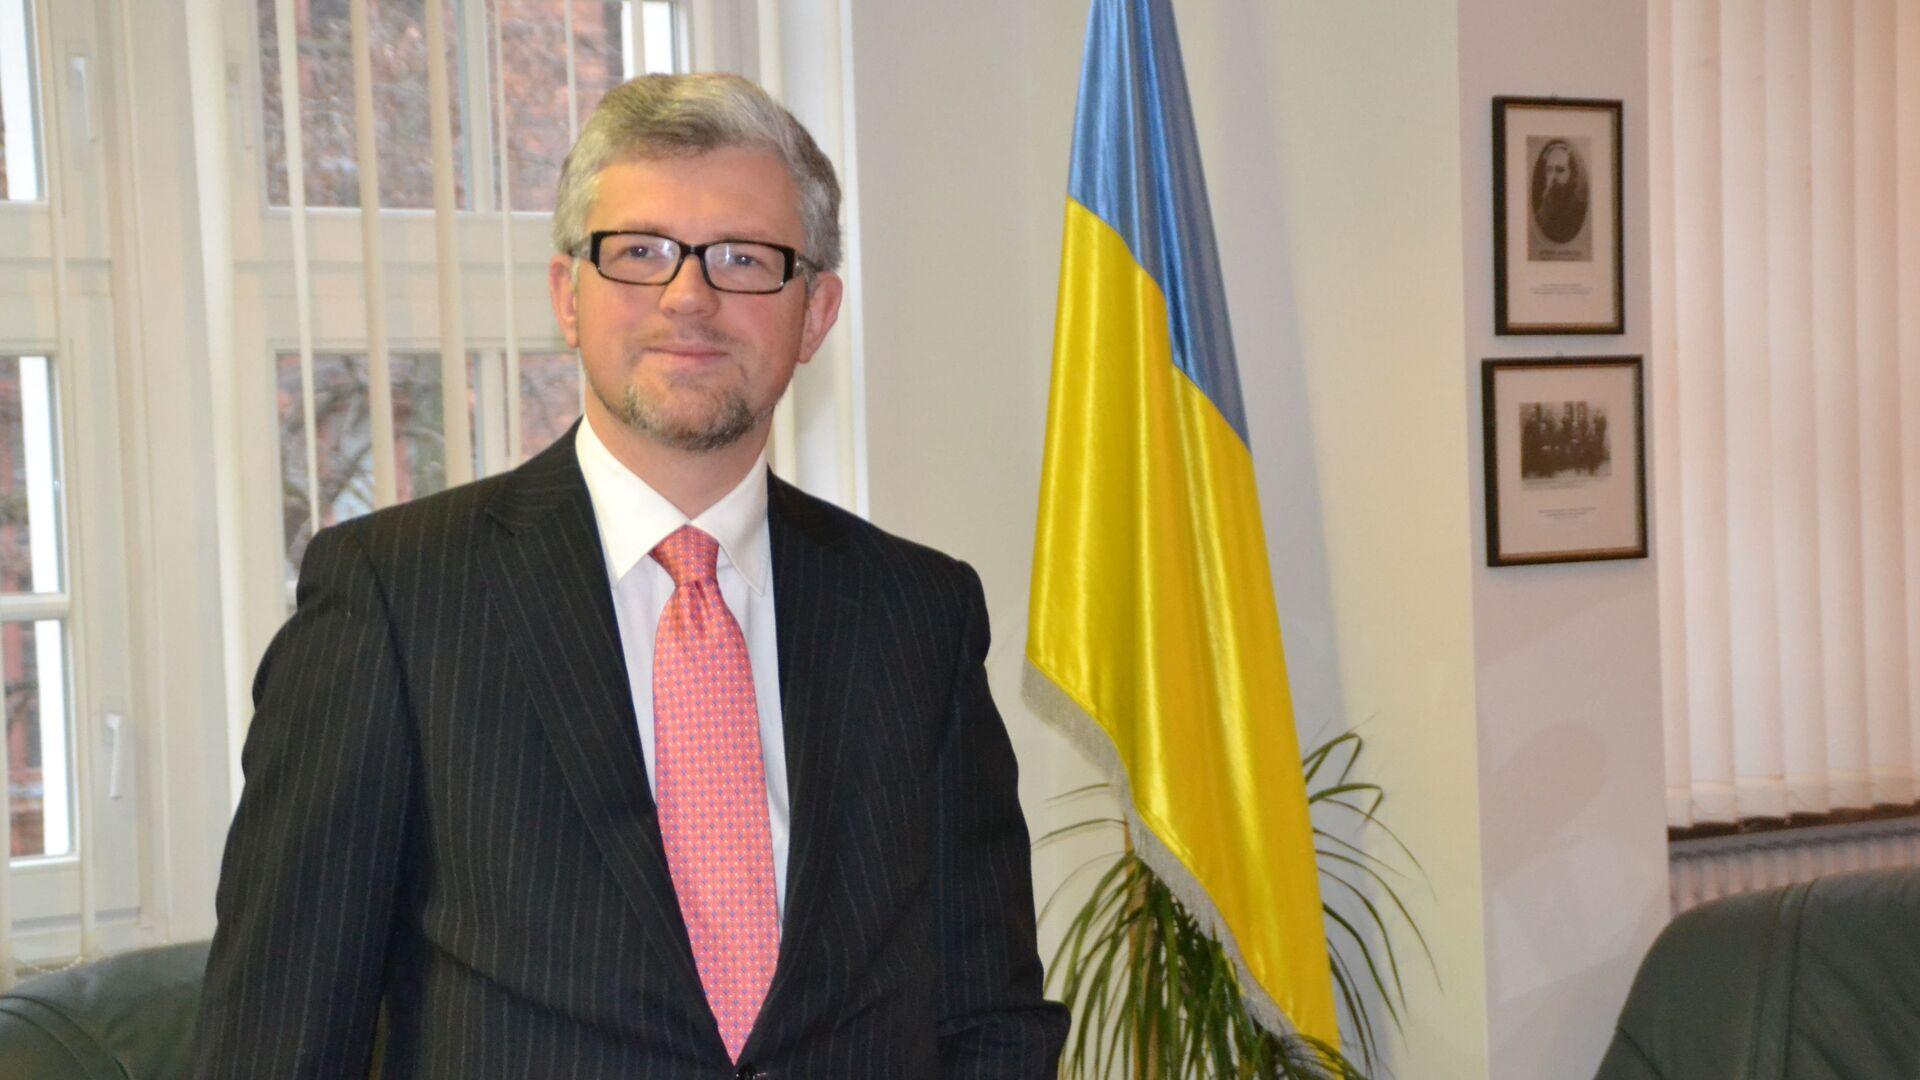 Посол Украины в Германии Андрей Мельник - РИА Новости, 1920, 01.09.2021